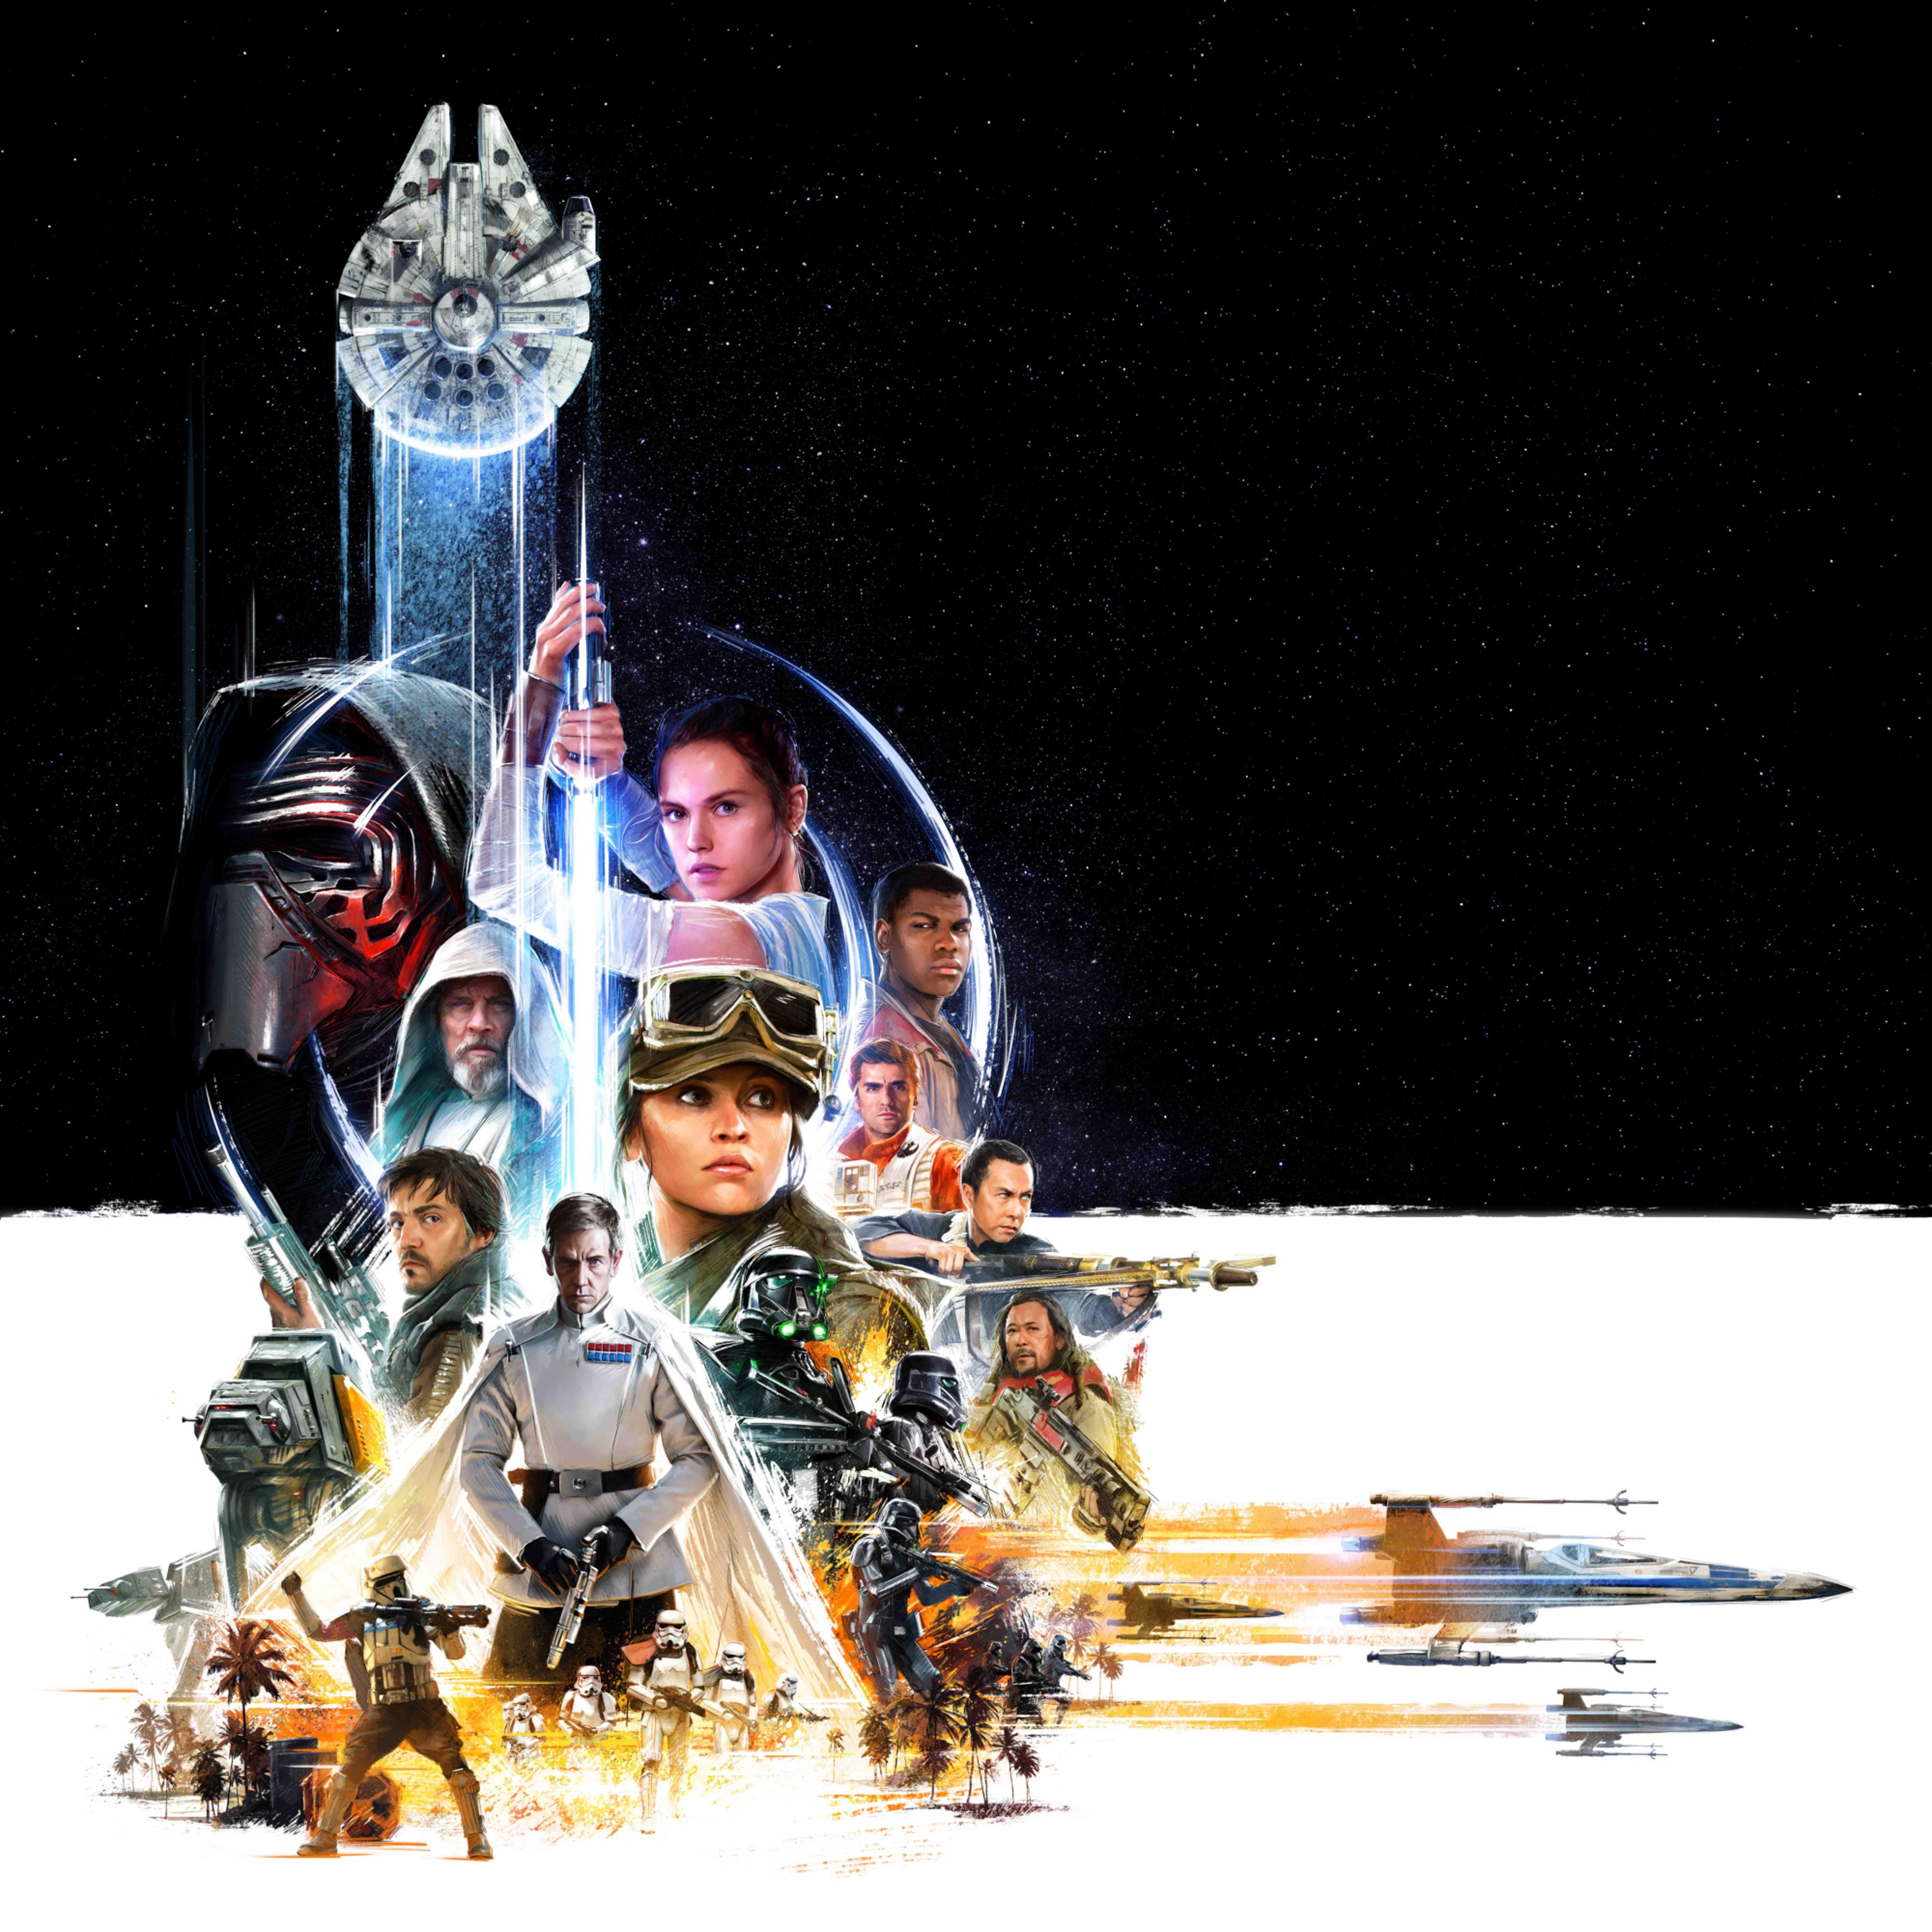 Il poster per la Star Wars Celebration rivela nuovi dettagli dei prossimi film in uscita